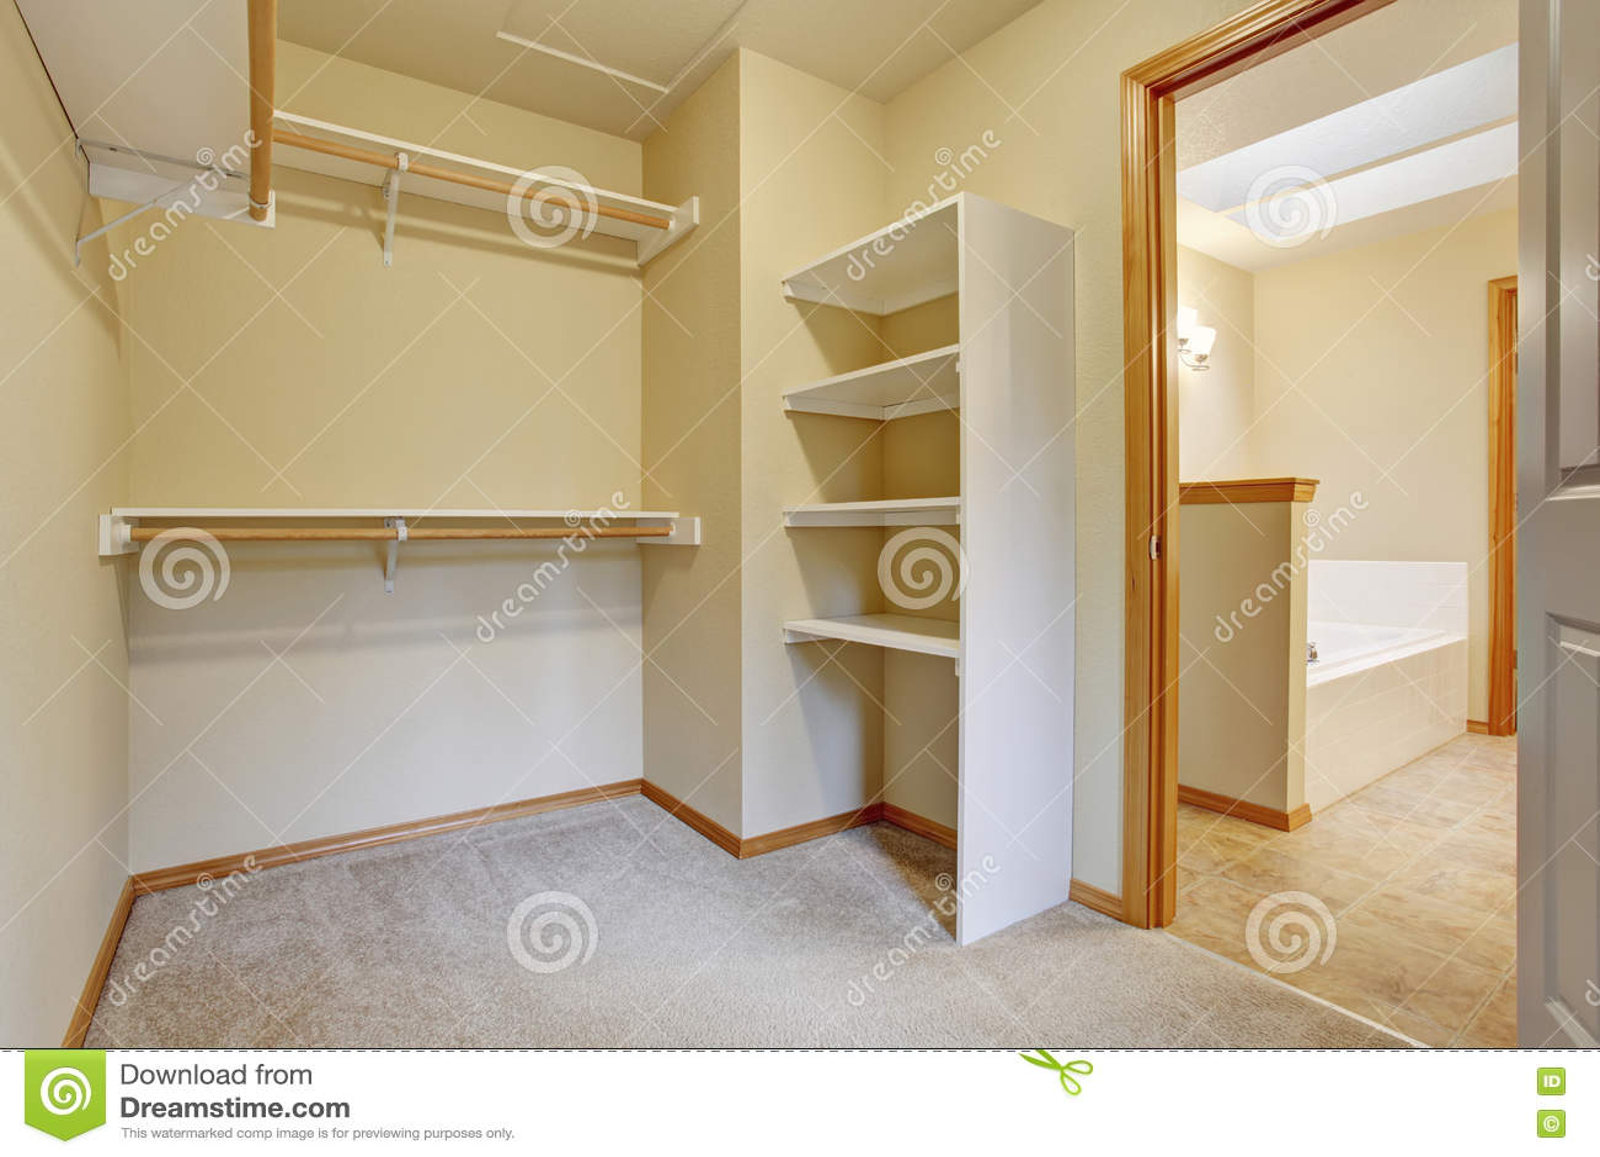 Empty Walk In Closet With Wood Shelves Beige Carpet Floor Stock Photo 74598294